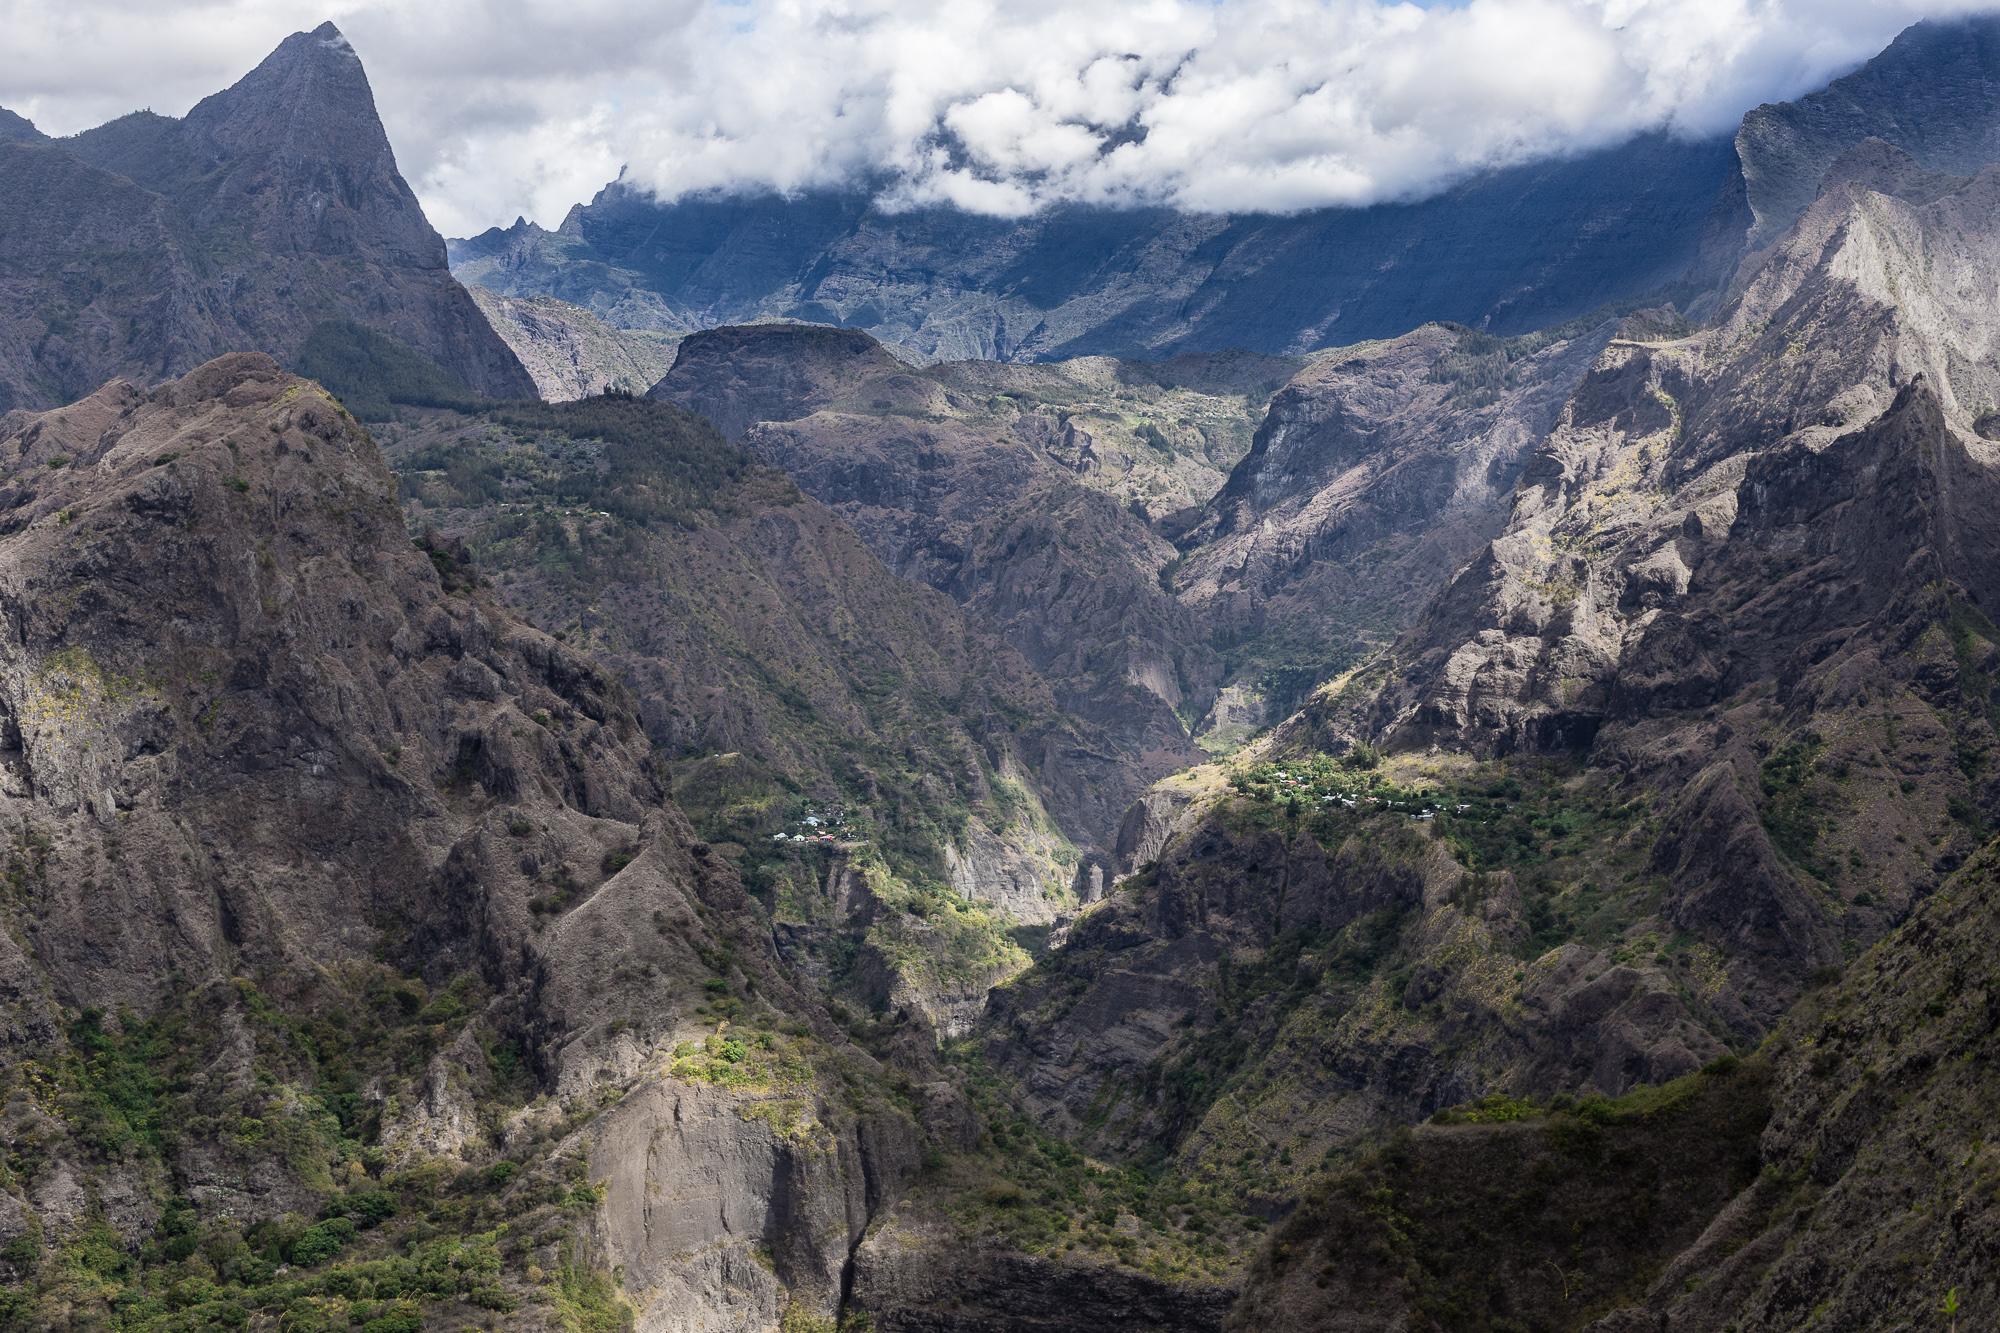 Antre de Mafate, point de vue sur montagnes, pitons et ilets du cirque de Mafate, la reunion